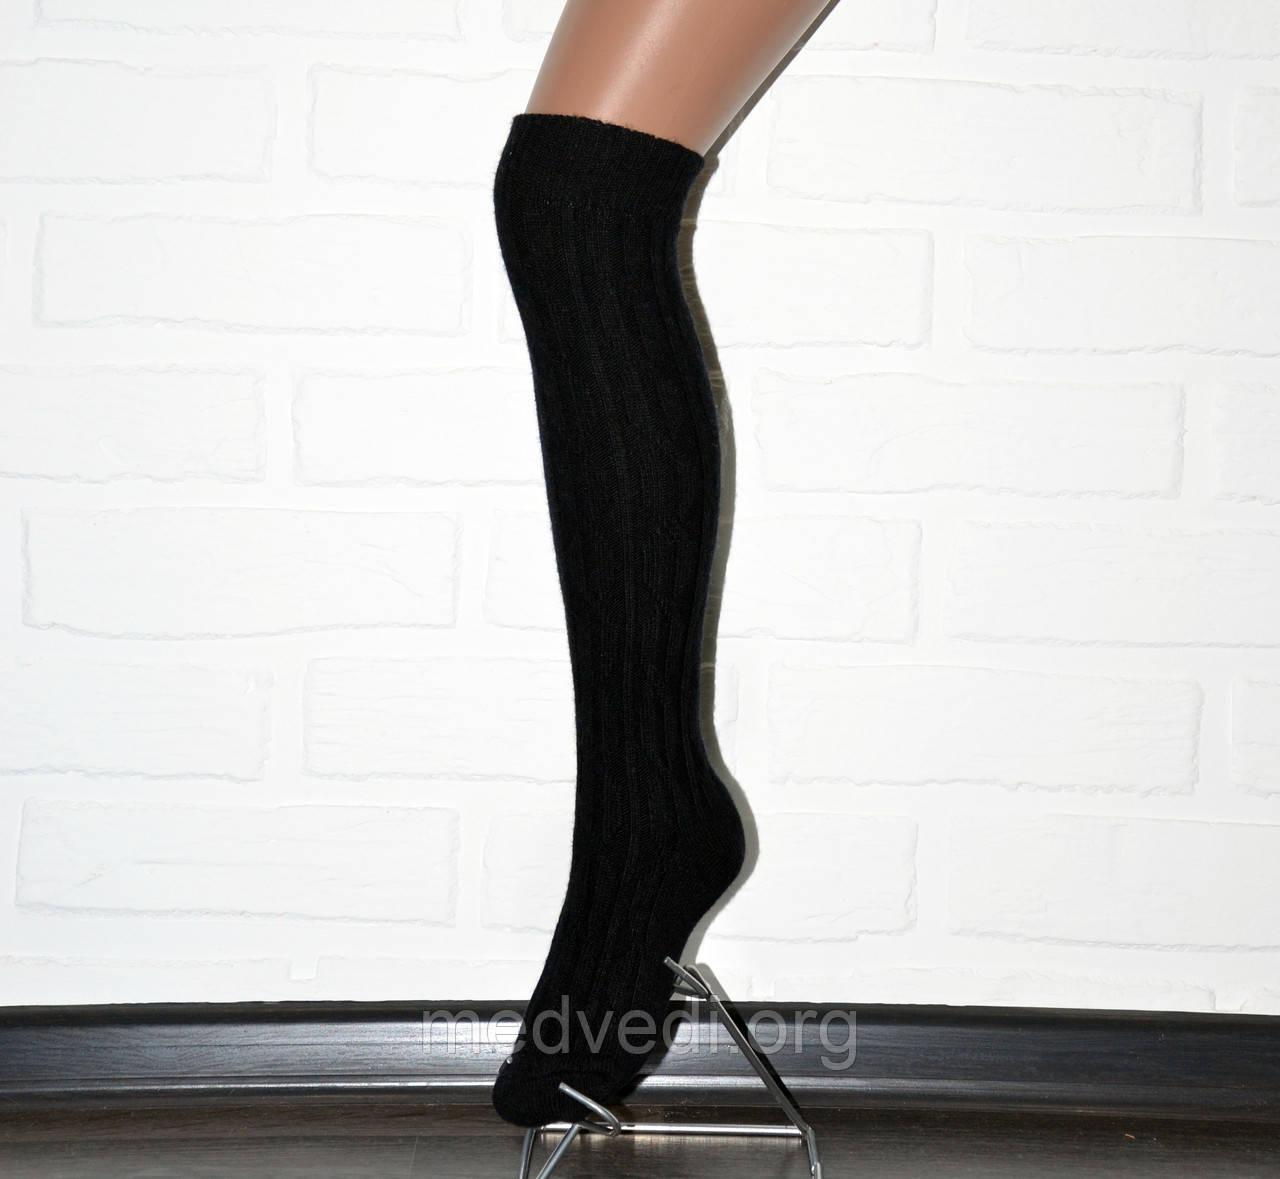 Черные женские гетры с носком, шерстяные гольфы до колена